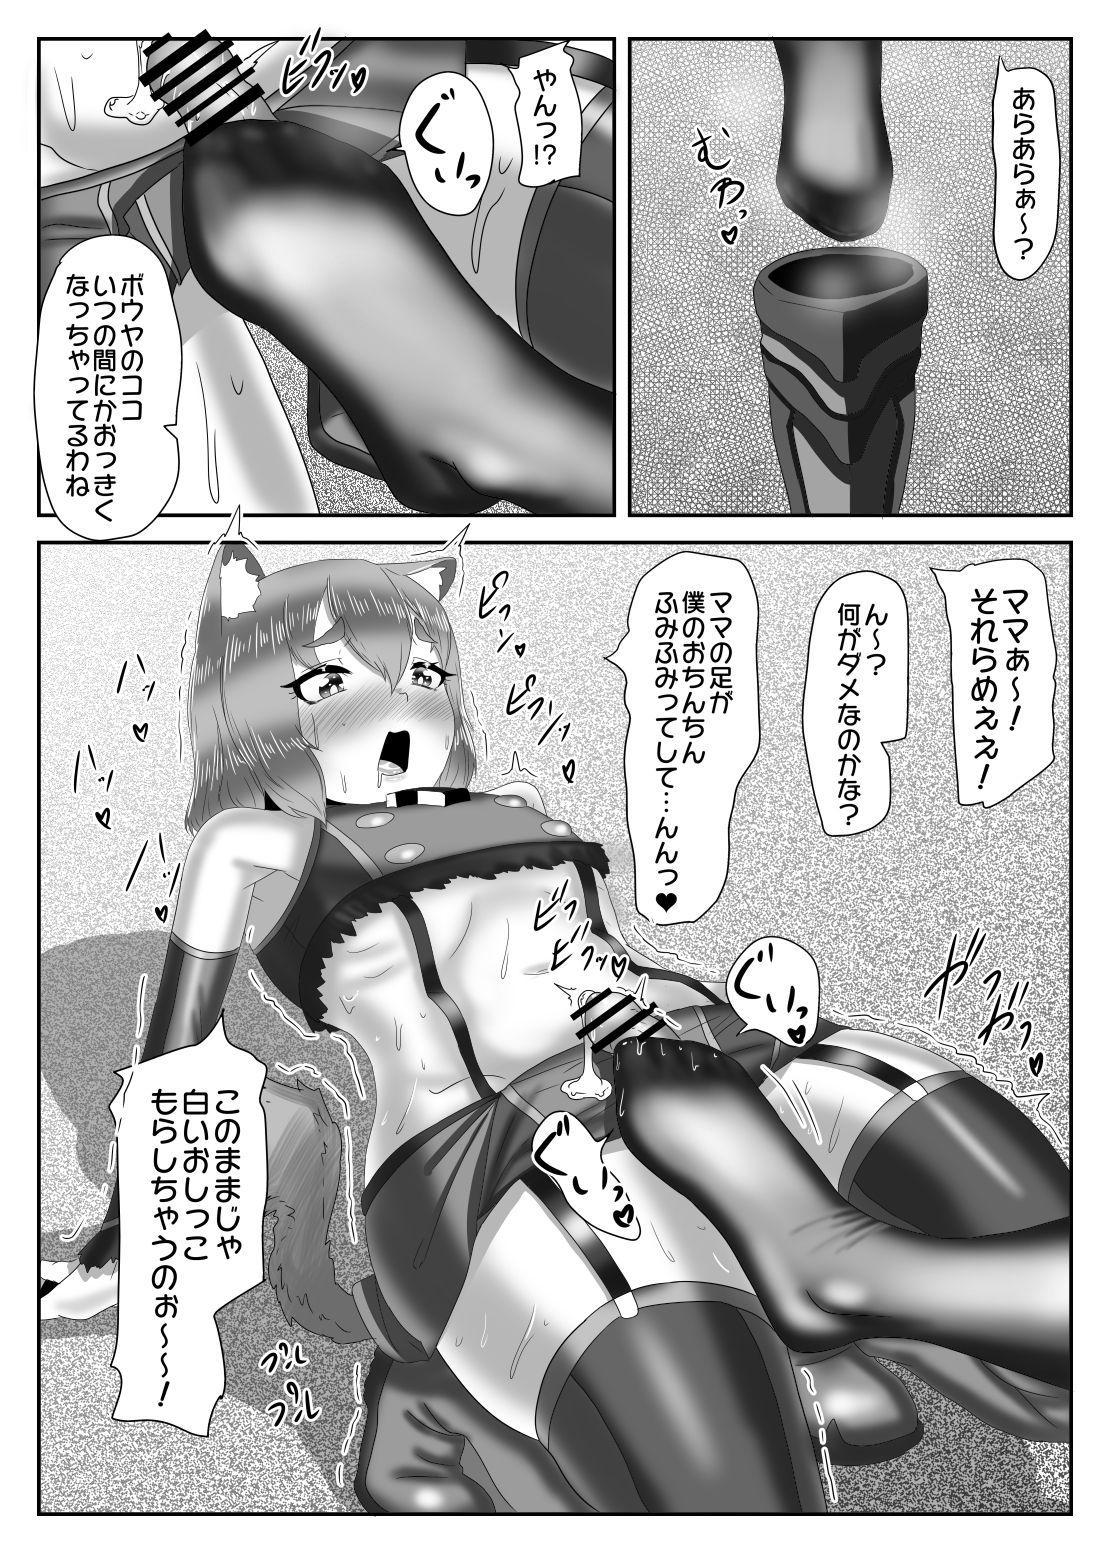 ふたなり艦隊と男の娘指揮官~フリードリ●はバブみが深い?~ 19